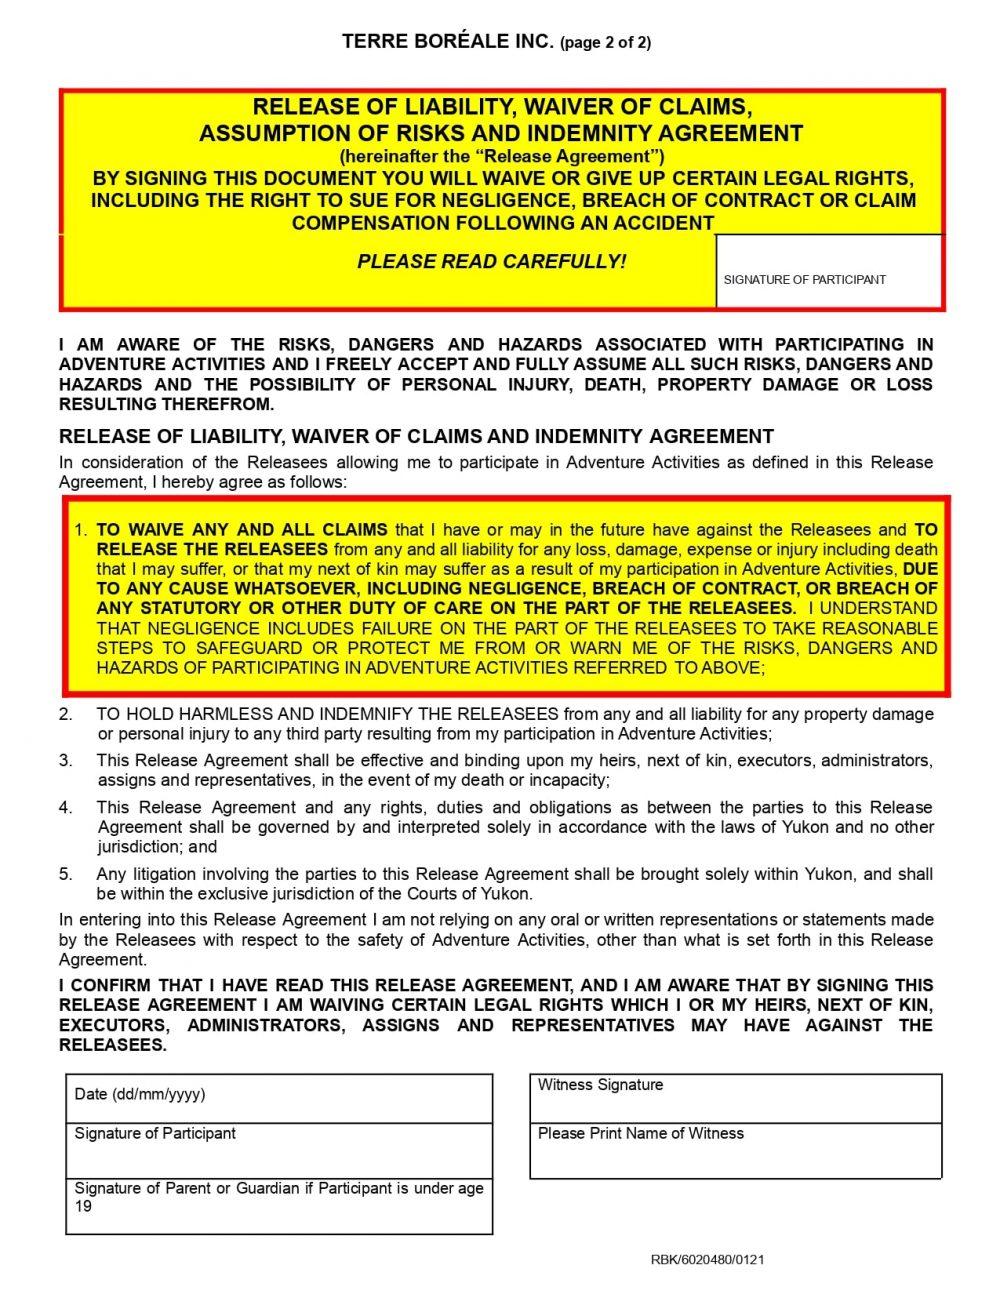 Terre Boréale Inc. RELEASE - WTAY - ADVENTURE ACTIVITIES - JAN 2021.docx_page-0002